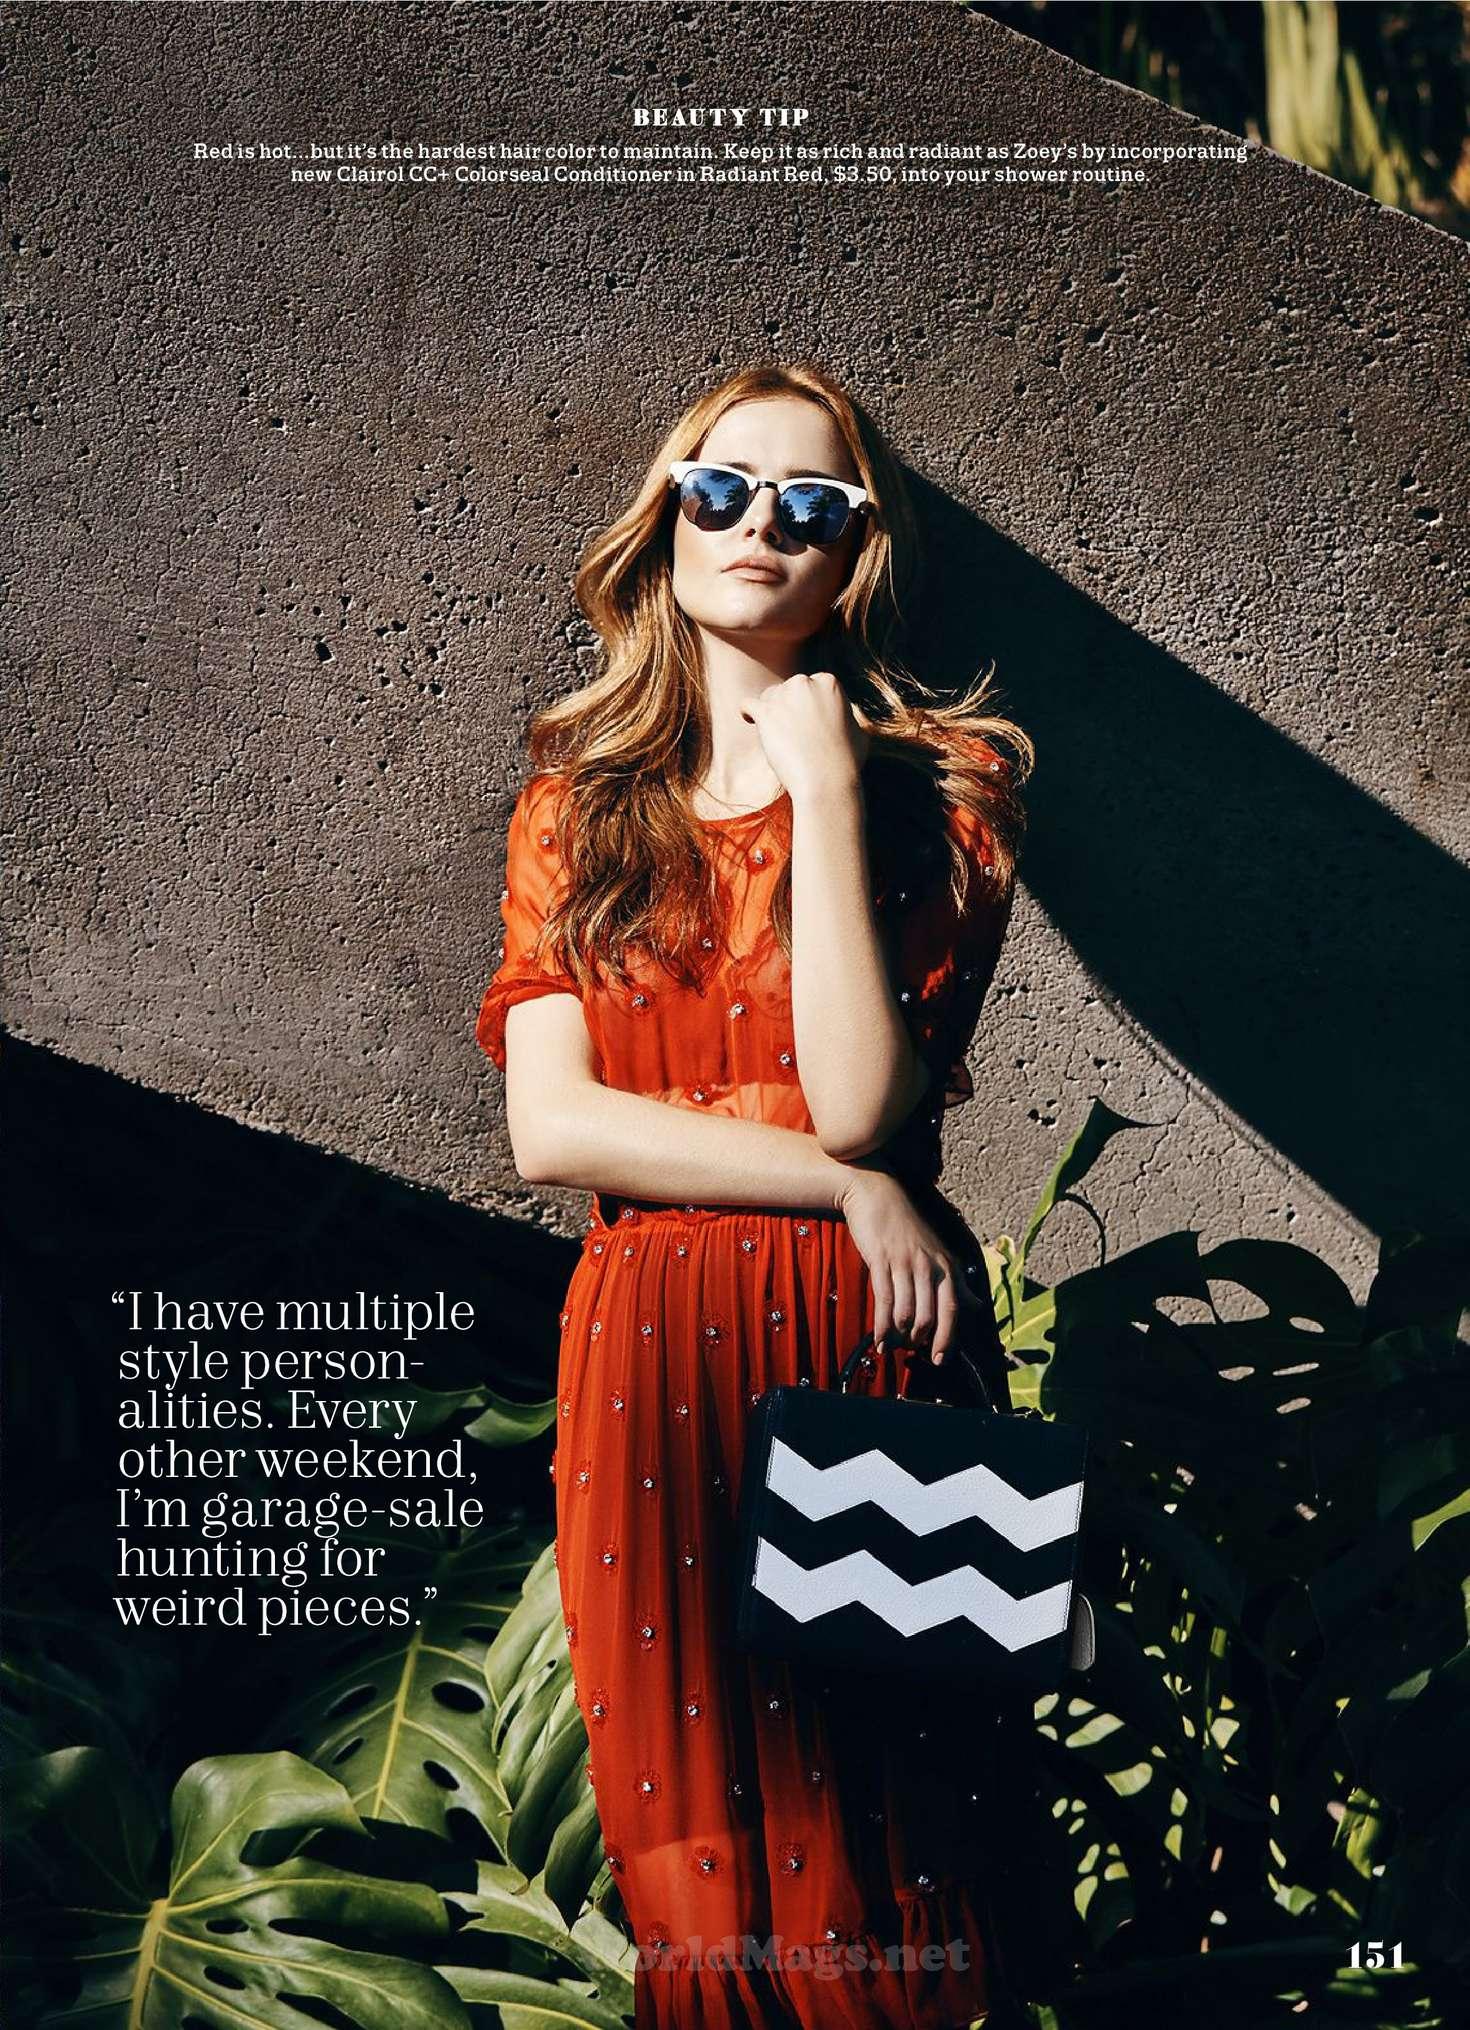 Zoey Deutch 2016 : Zoey Deutch: Cosmopolitan Magazine 2016 -14